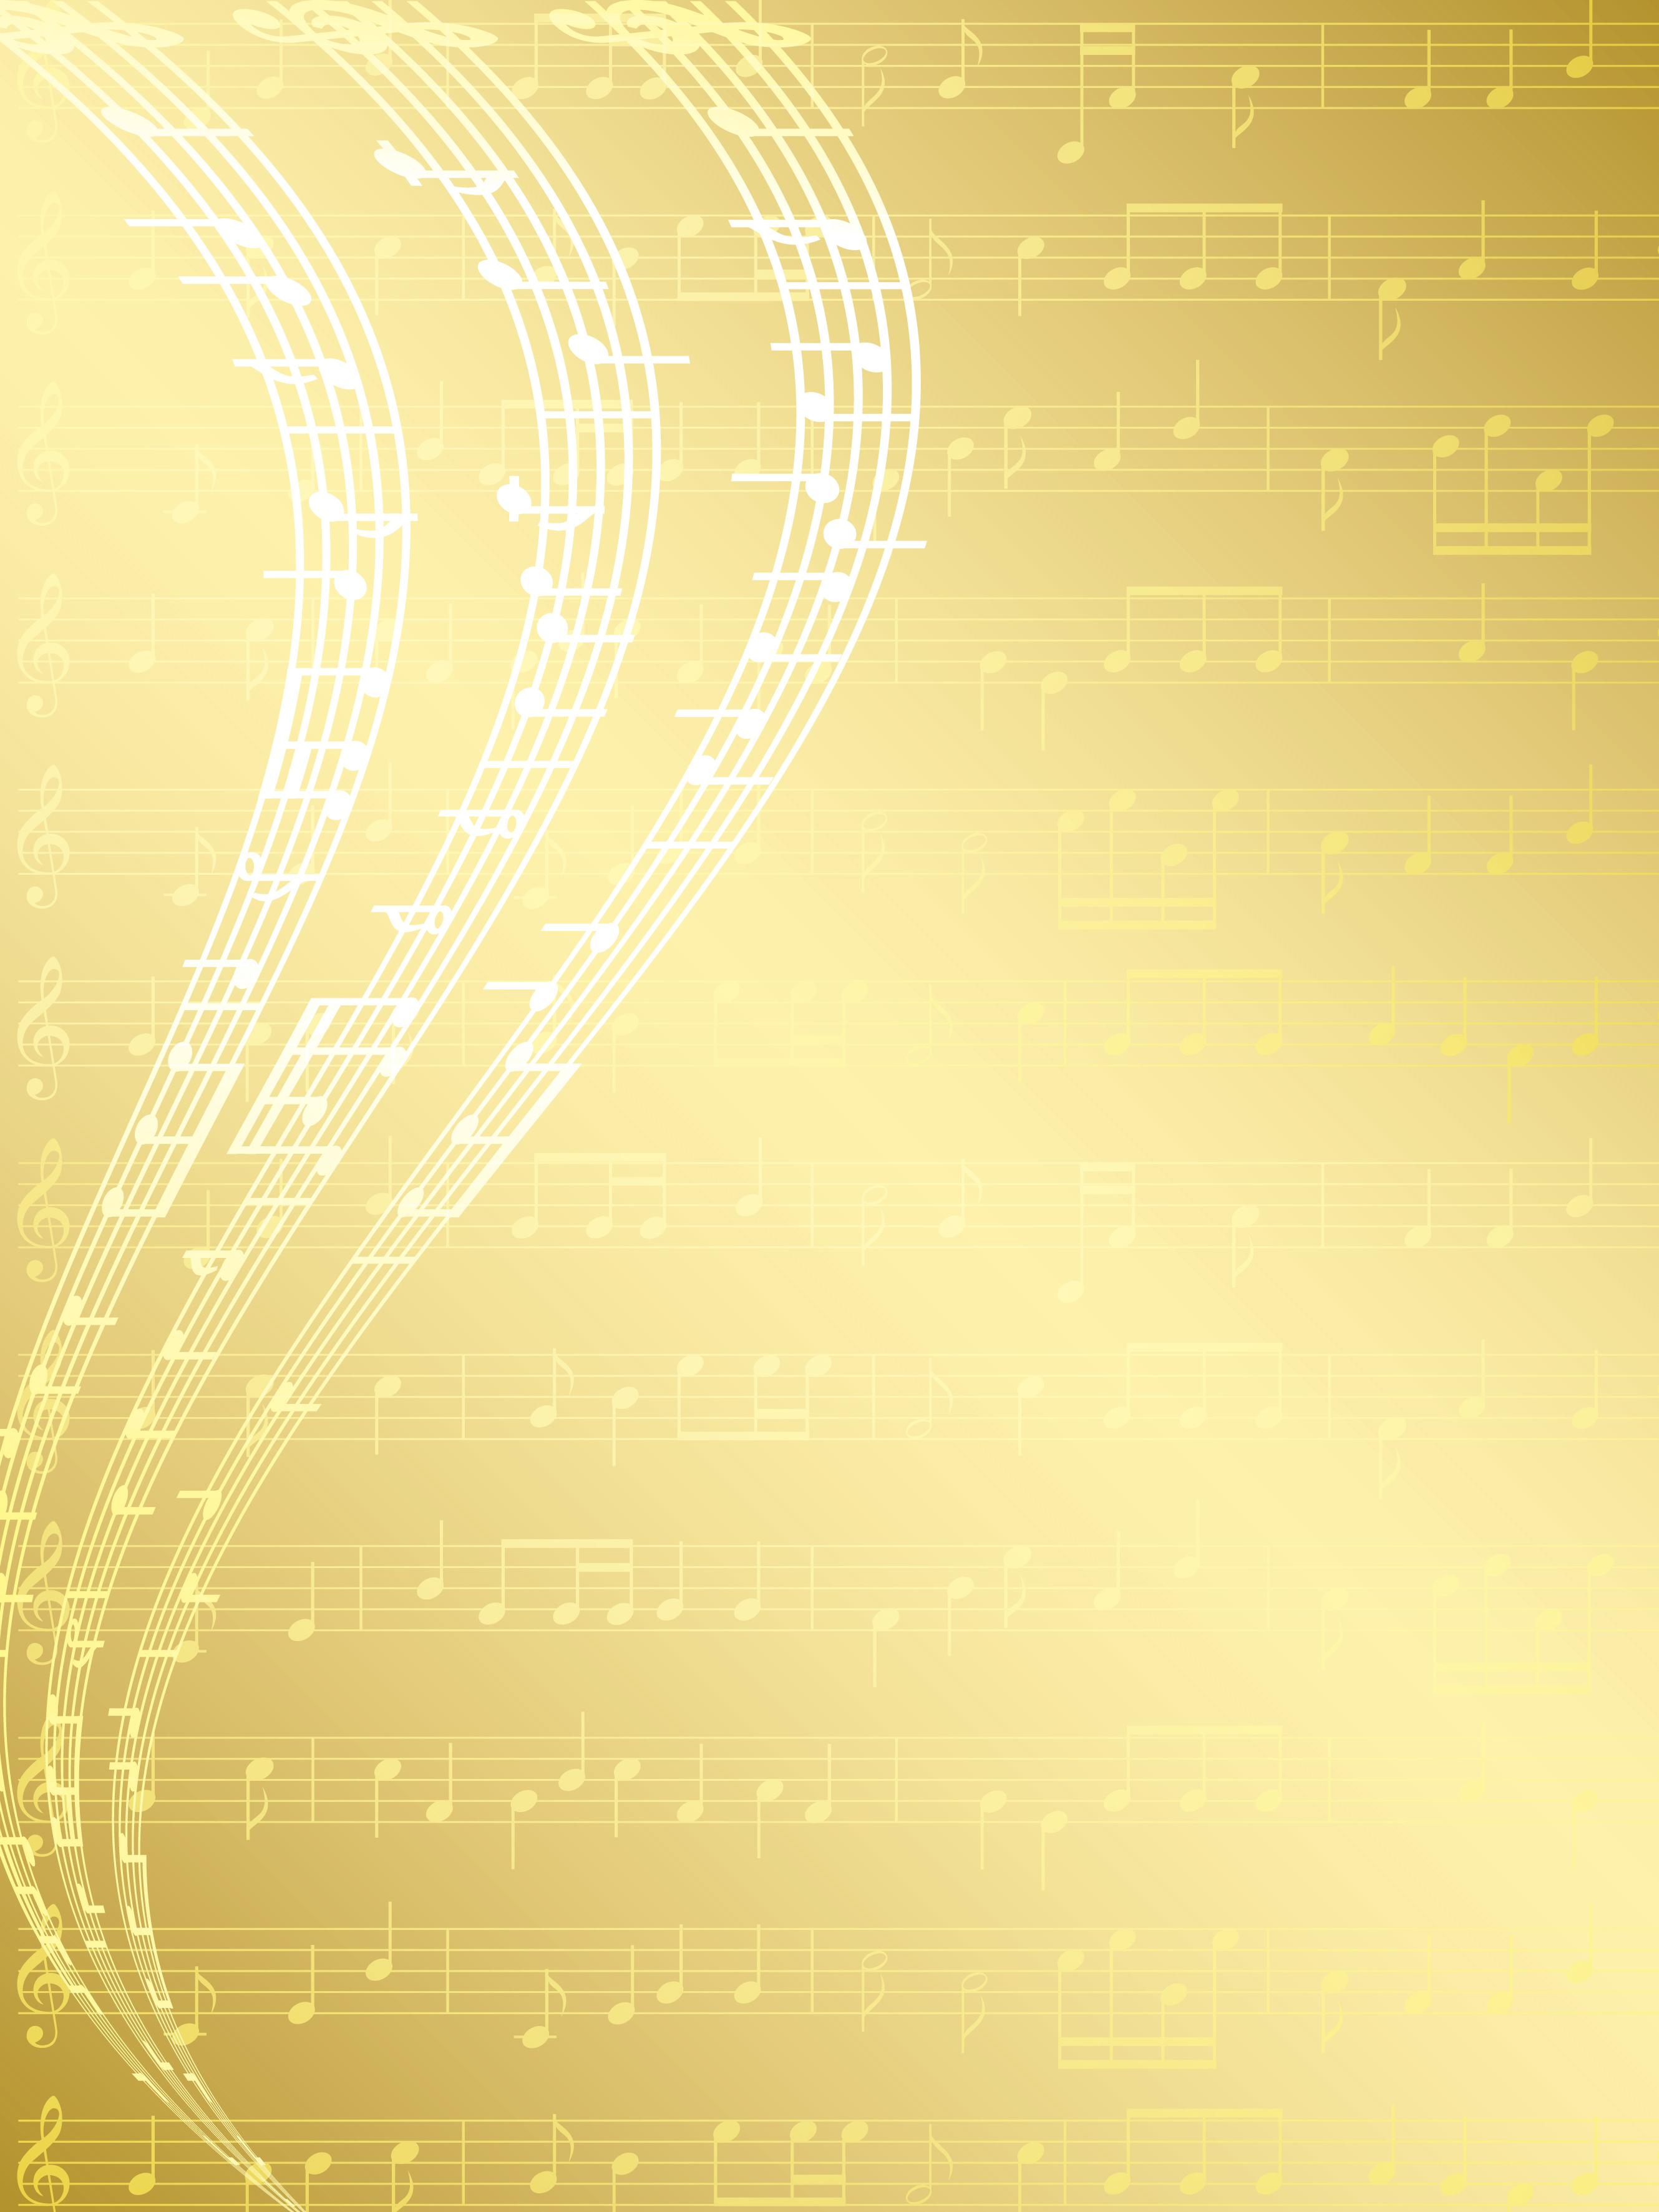 Schwob School of Music: Guitar and Voice Studio Recital